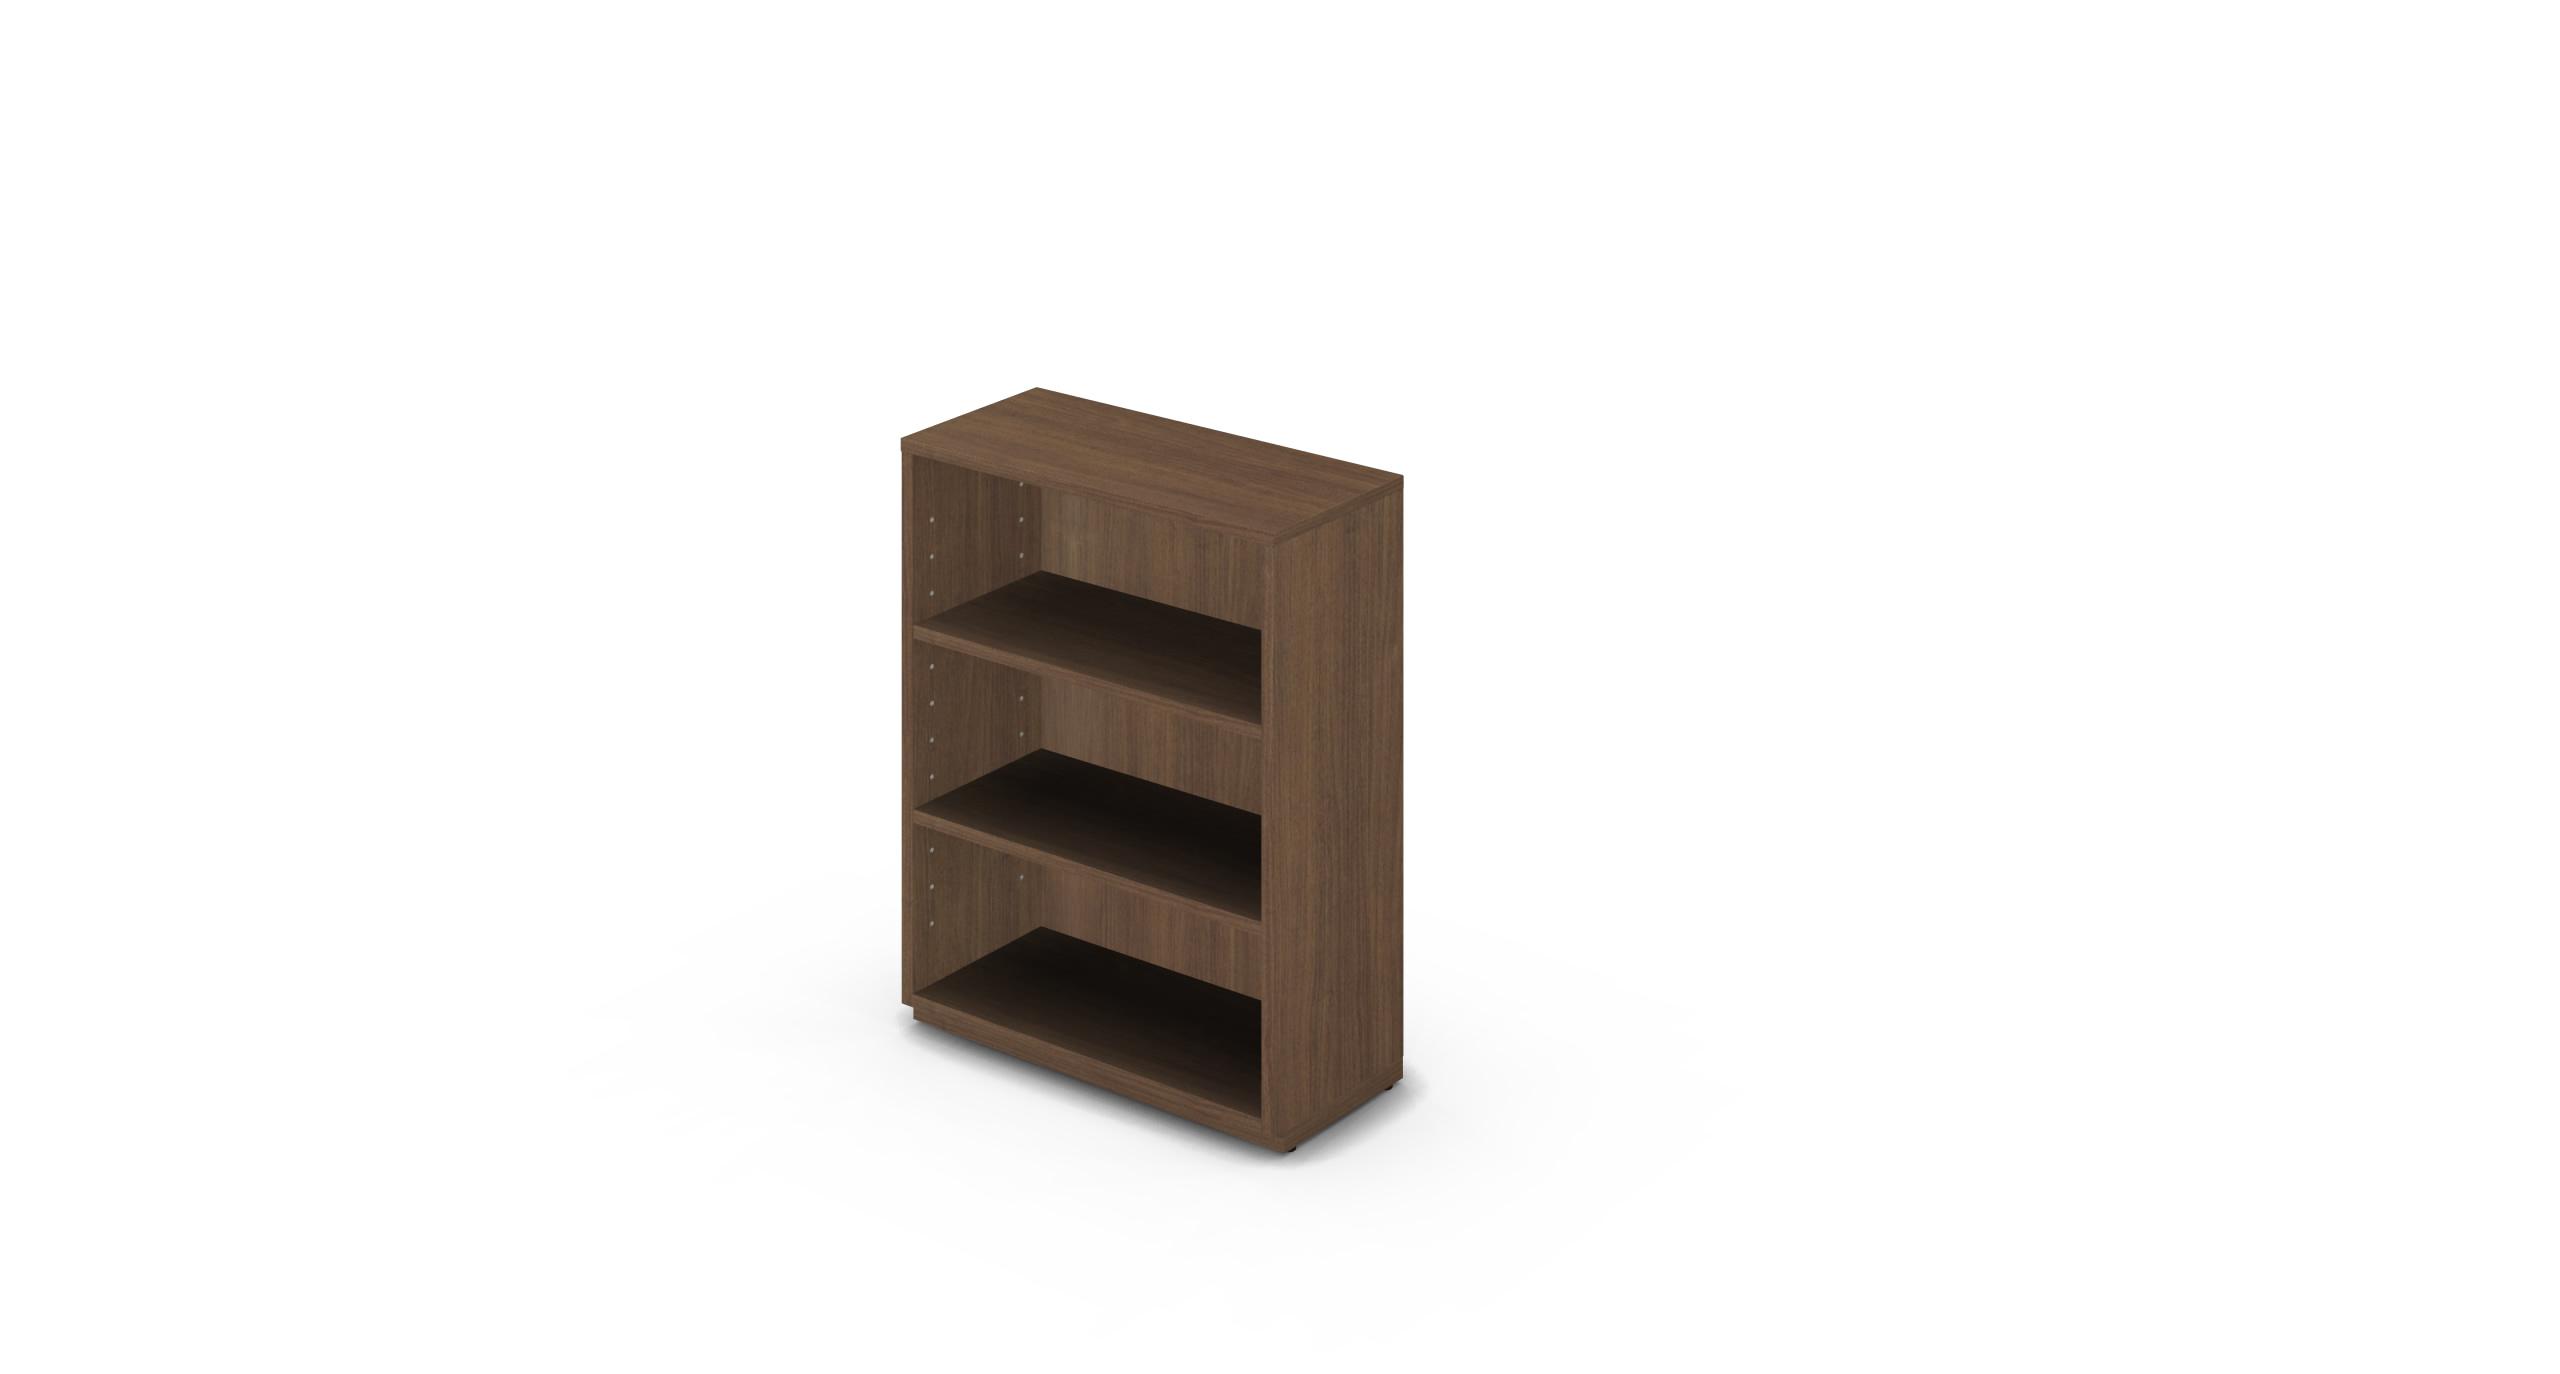 Shelf_800x350x1125_Walnut